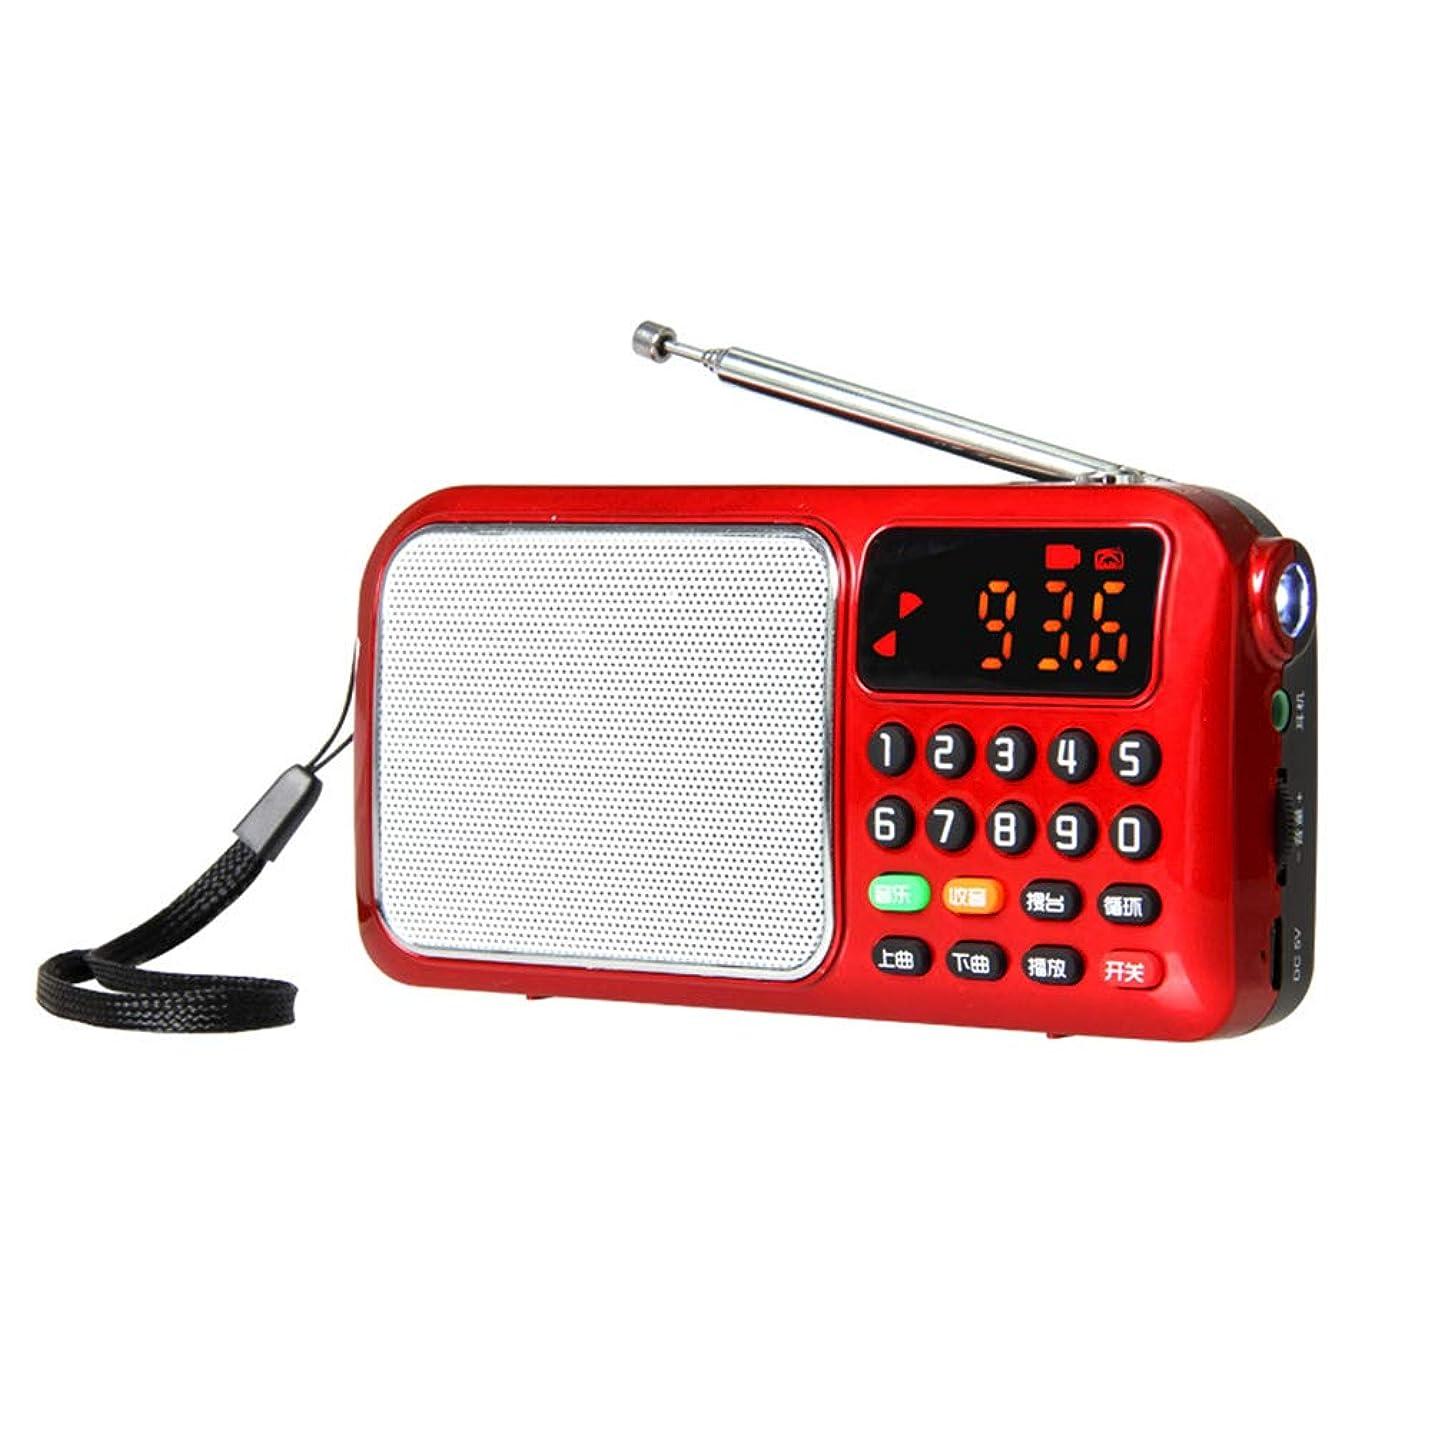 ウォーターフロントアルファベット順フェデレーションポータブルミニラジオ、MP3音楽プレーヤーカードスピーカー、サポートUSB/TFカード再生、ワンボタンサイクル、ワンボタンサーチ、LED照明ZDDAB